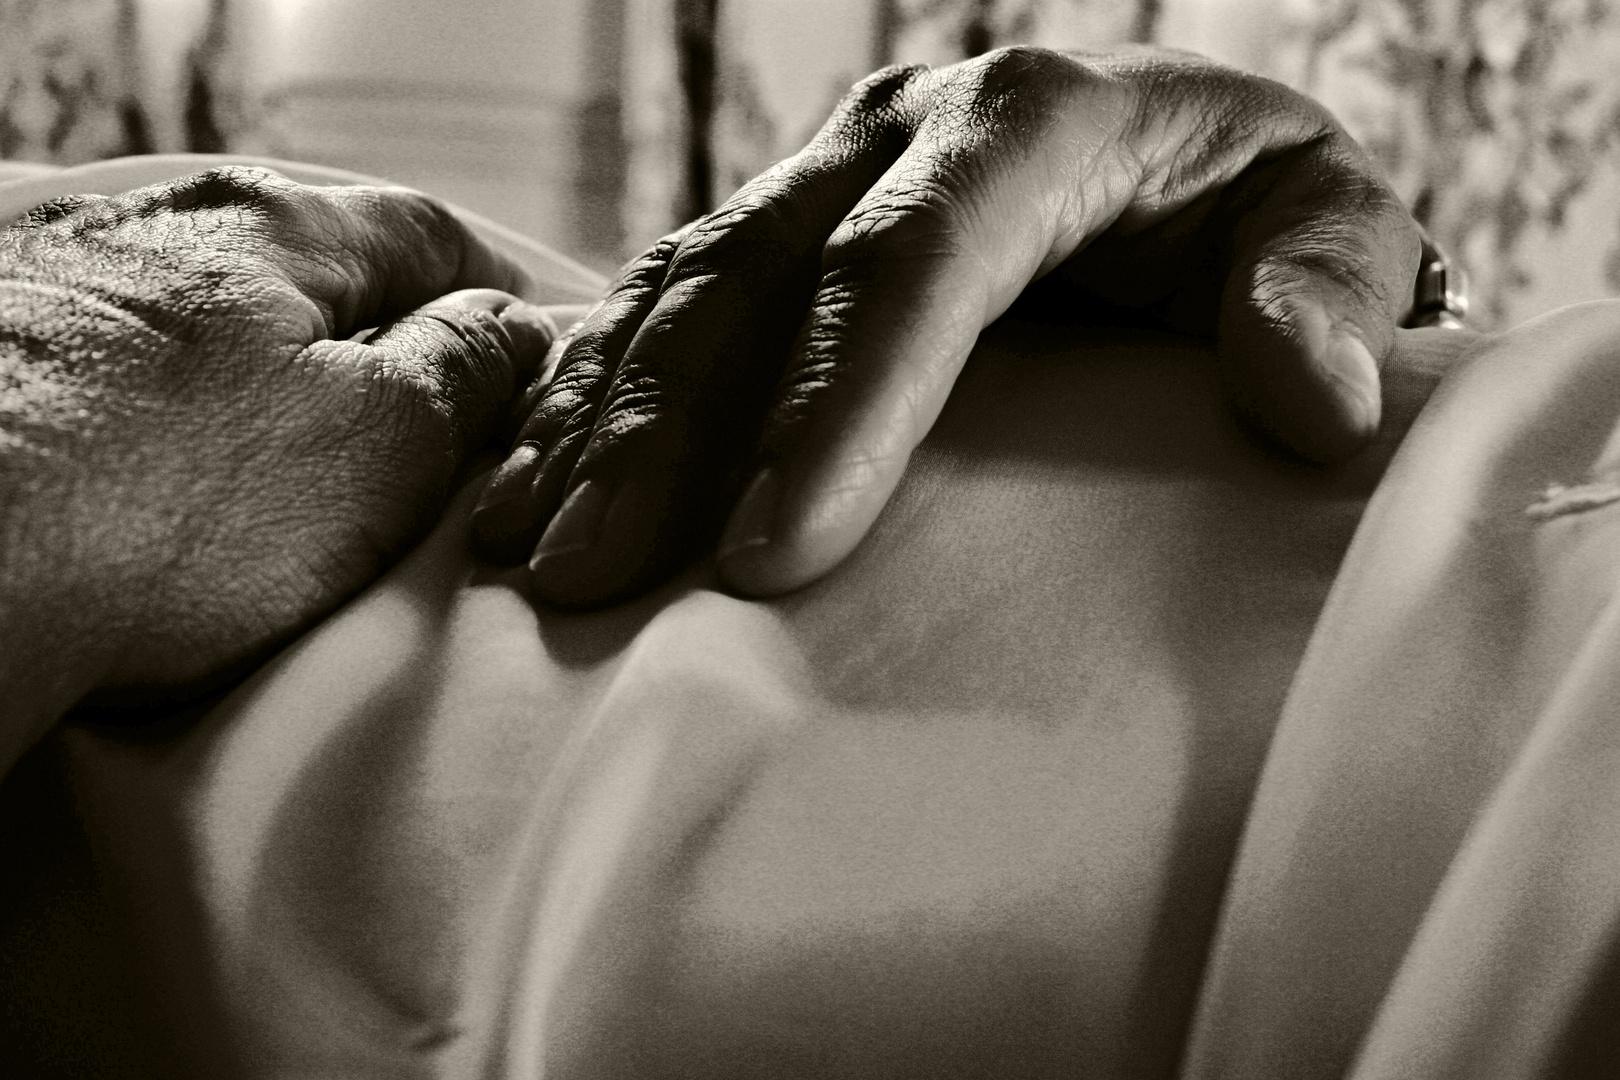 El somni de les mans